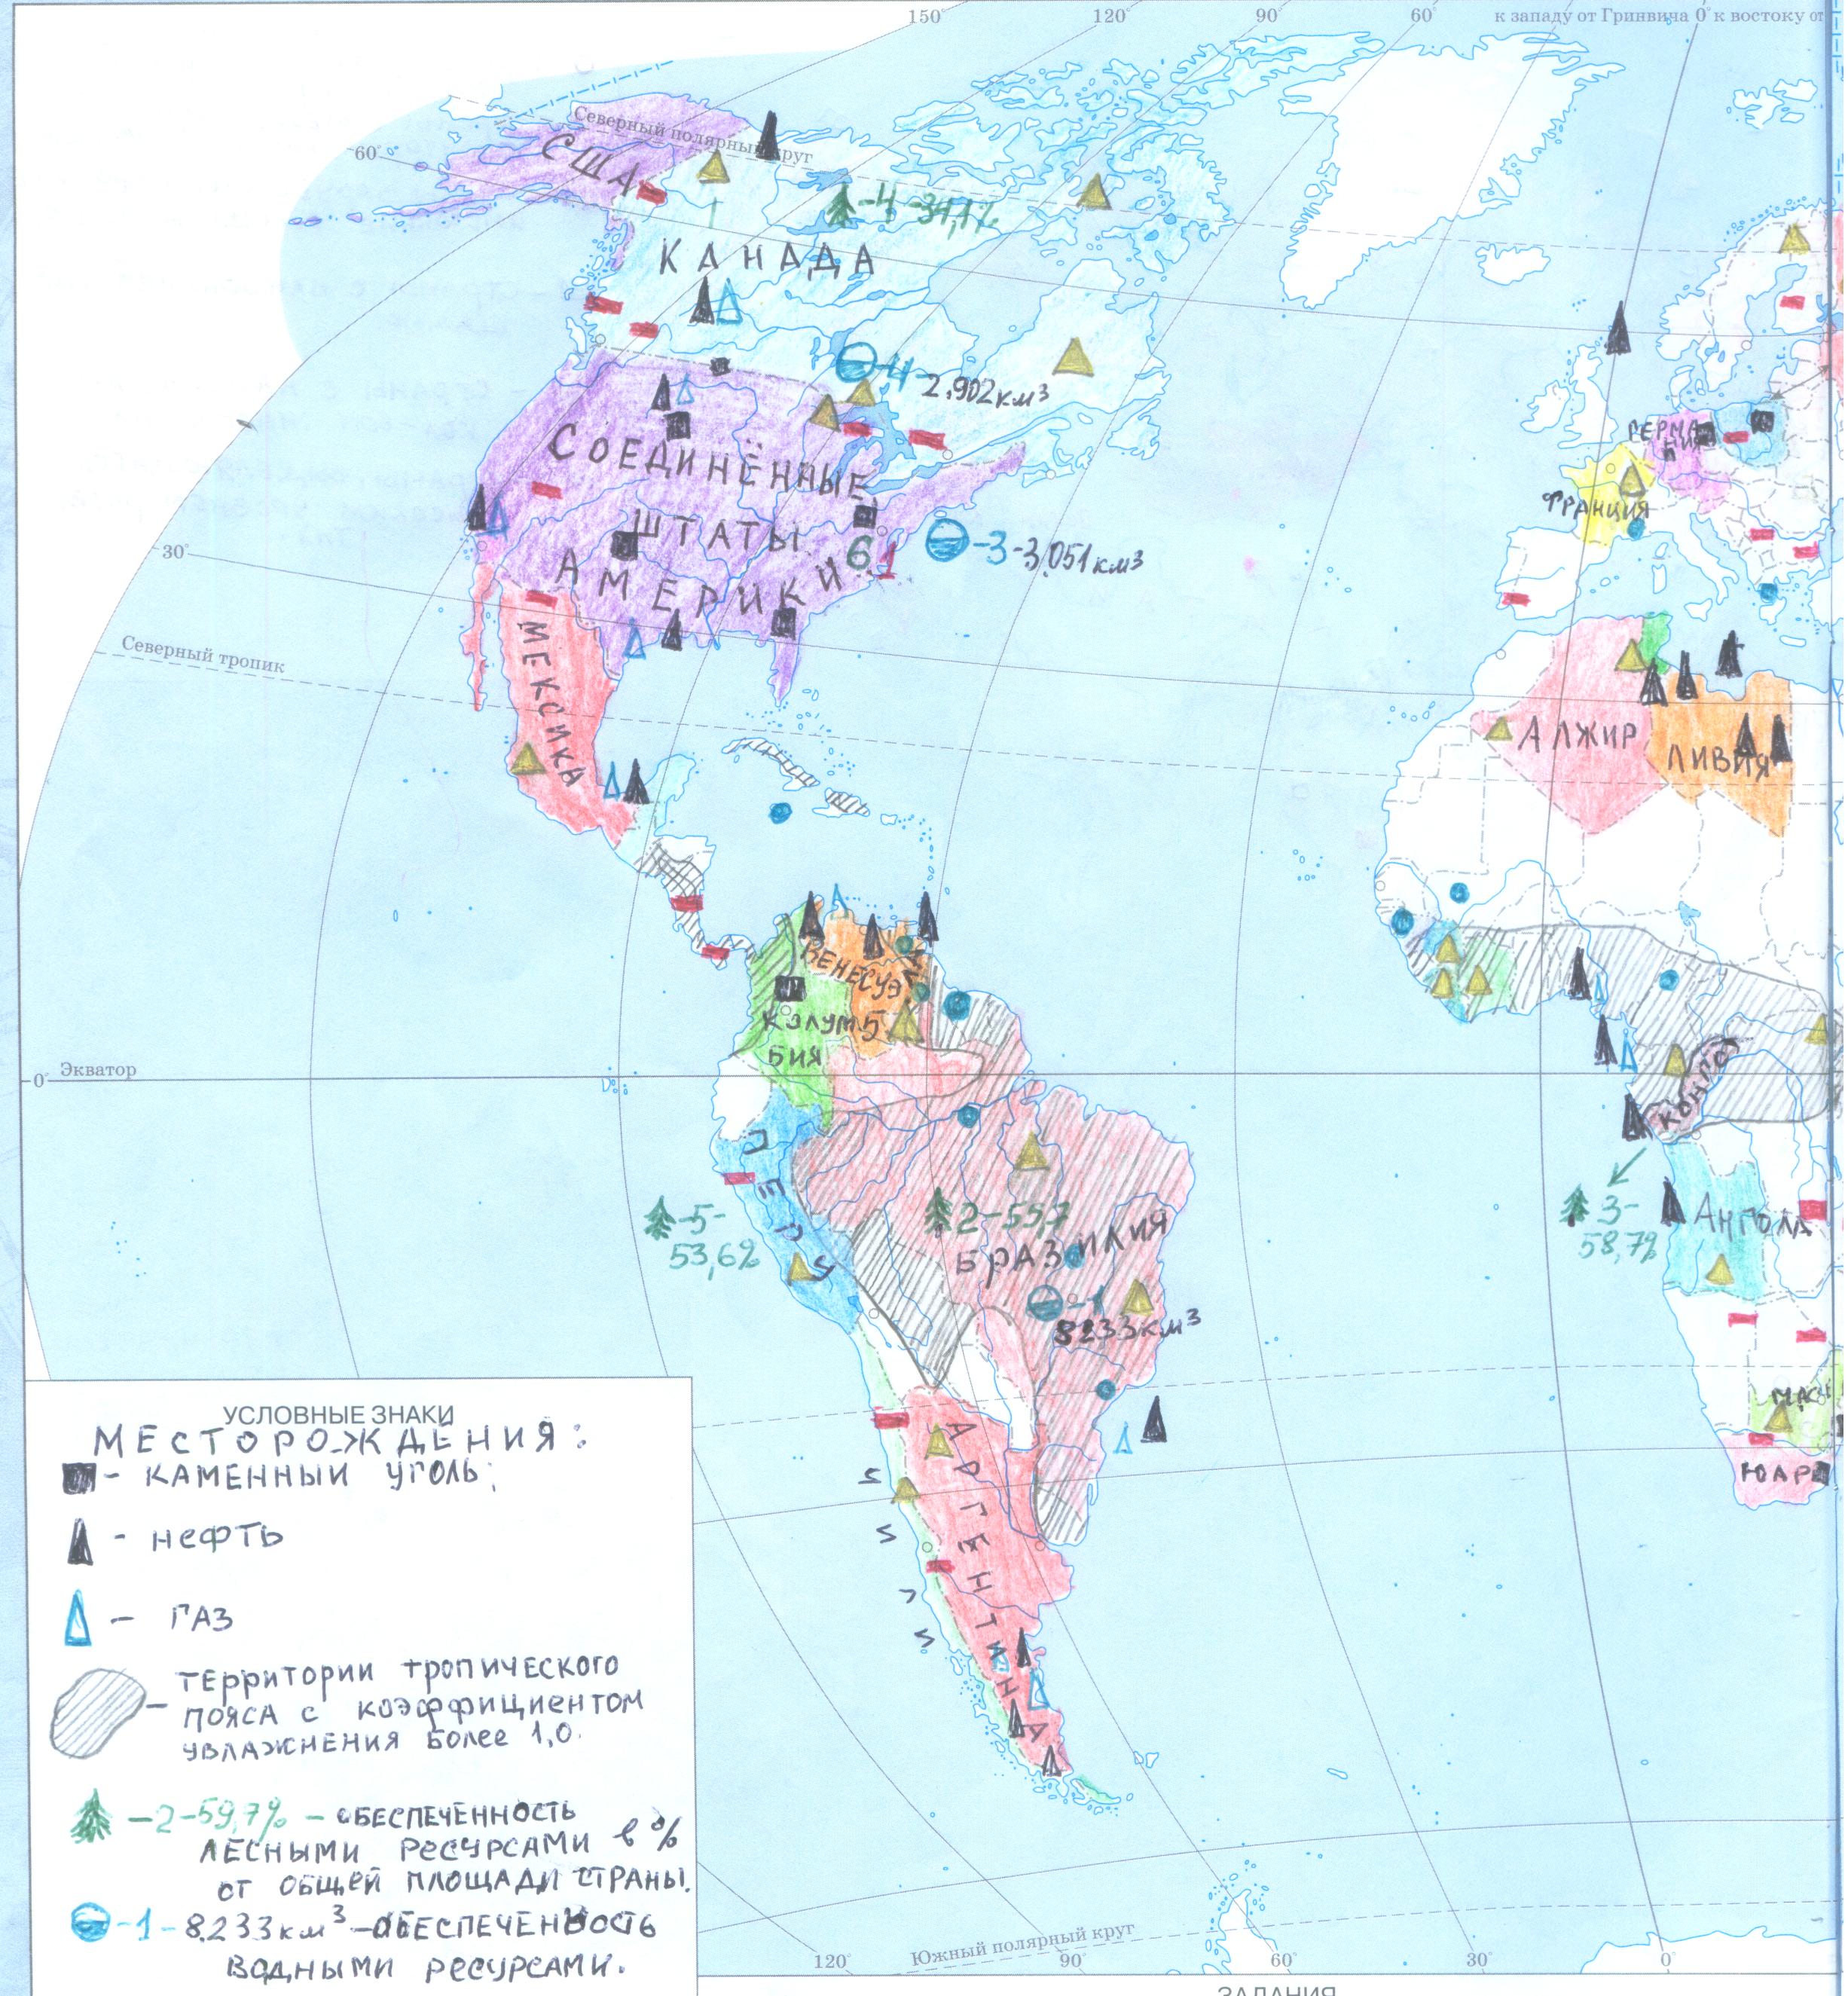 Минеральные ресурсы - определение, классификация, карта минеральных ресурсов мира - помощник для школьников спринт-олимпик.ру